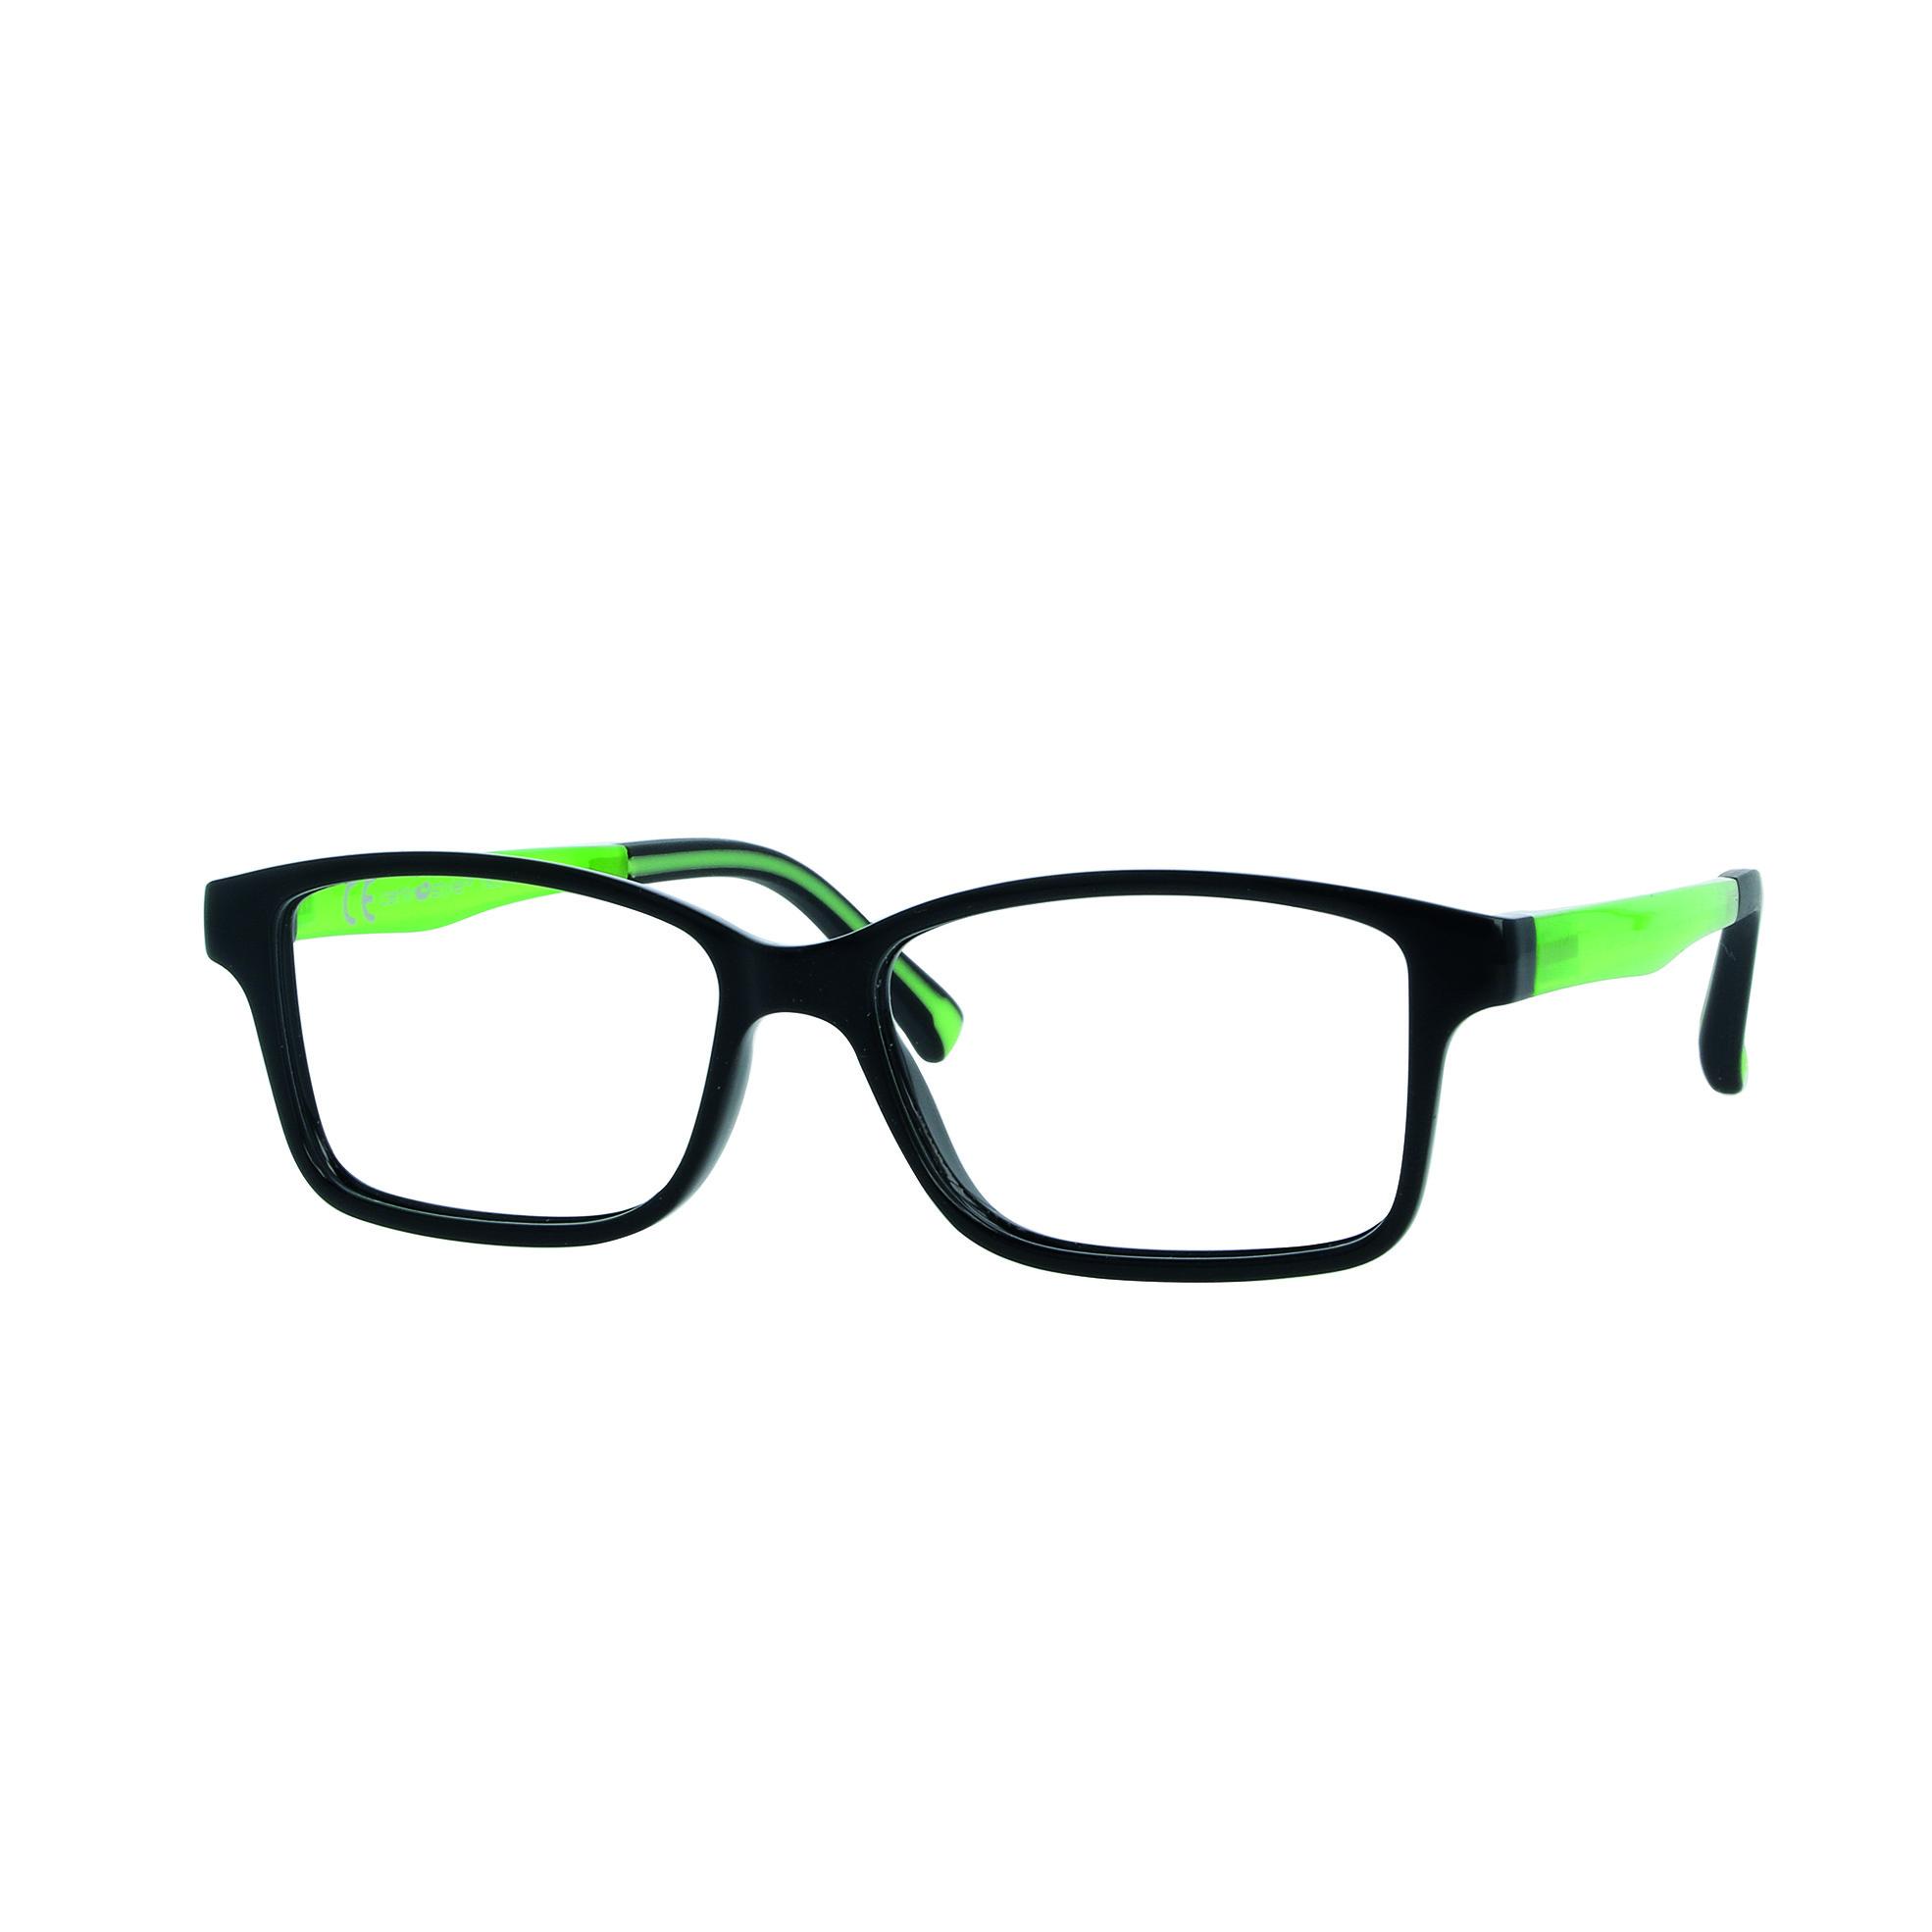 02F013044228000 - Armação Active Colours (5) 44x13 Preto/Verde Mod F013044228000 - Contém 1 Peça